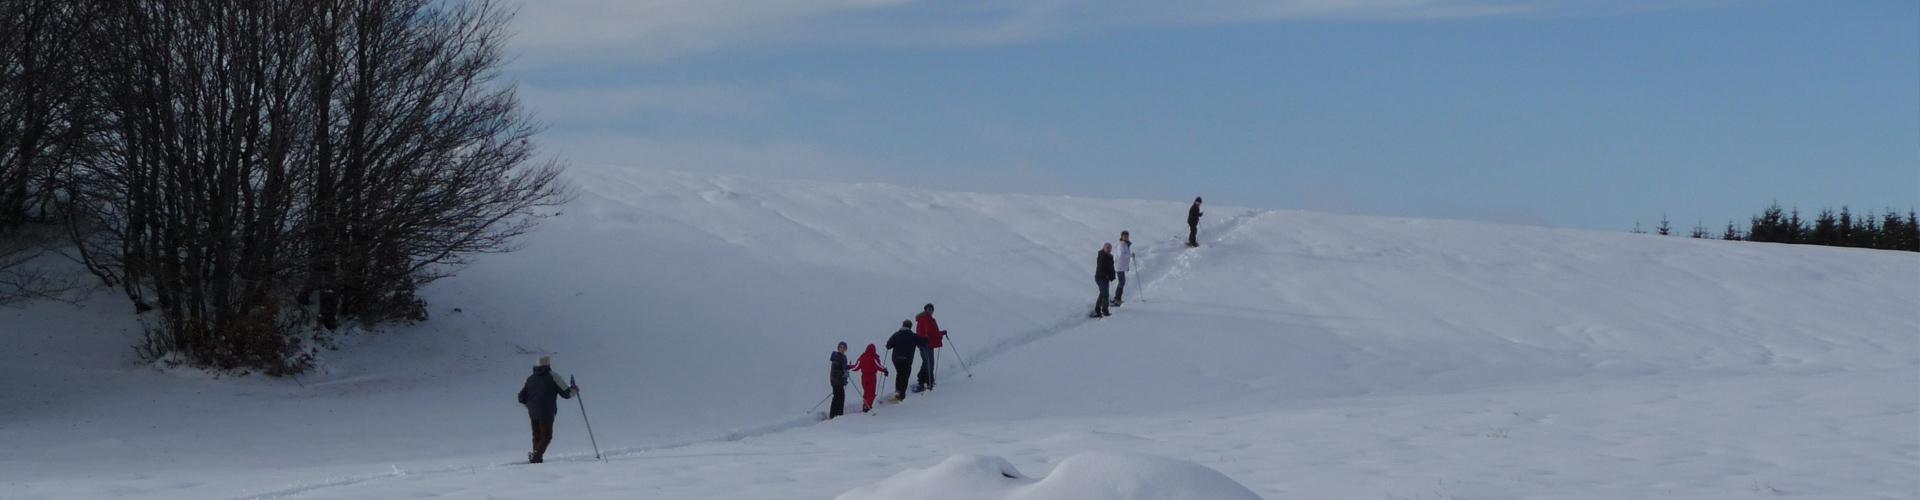 """<div class=""""sliderdesc""""> <h4>Fondez vous dans le décor ...</h4> Avec plus de 35 km de pistes et circuits, la station Aubrac Sud vous propose des itinéraires de tous niveaux accessibles à tous.  <br><br> En raquette ou ski de fond, le site est idéal pour l'initiation et offre également de magnifiques parcours pour les plus aggueris.<br><br> <a href=""""https://www.aubrac-sud-lozere.com/la-station-de-ski/plan-des-pistes/"""">Découvrez et téléchargez le plan des pistes.</a> </div>"""